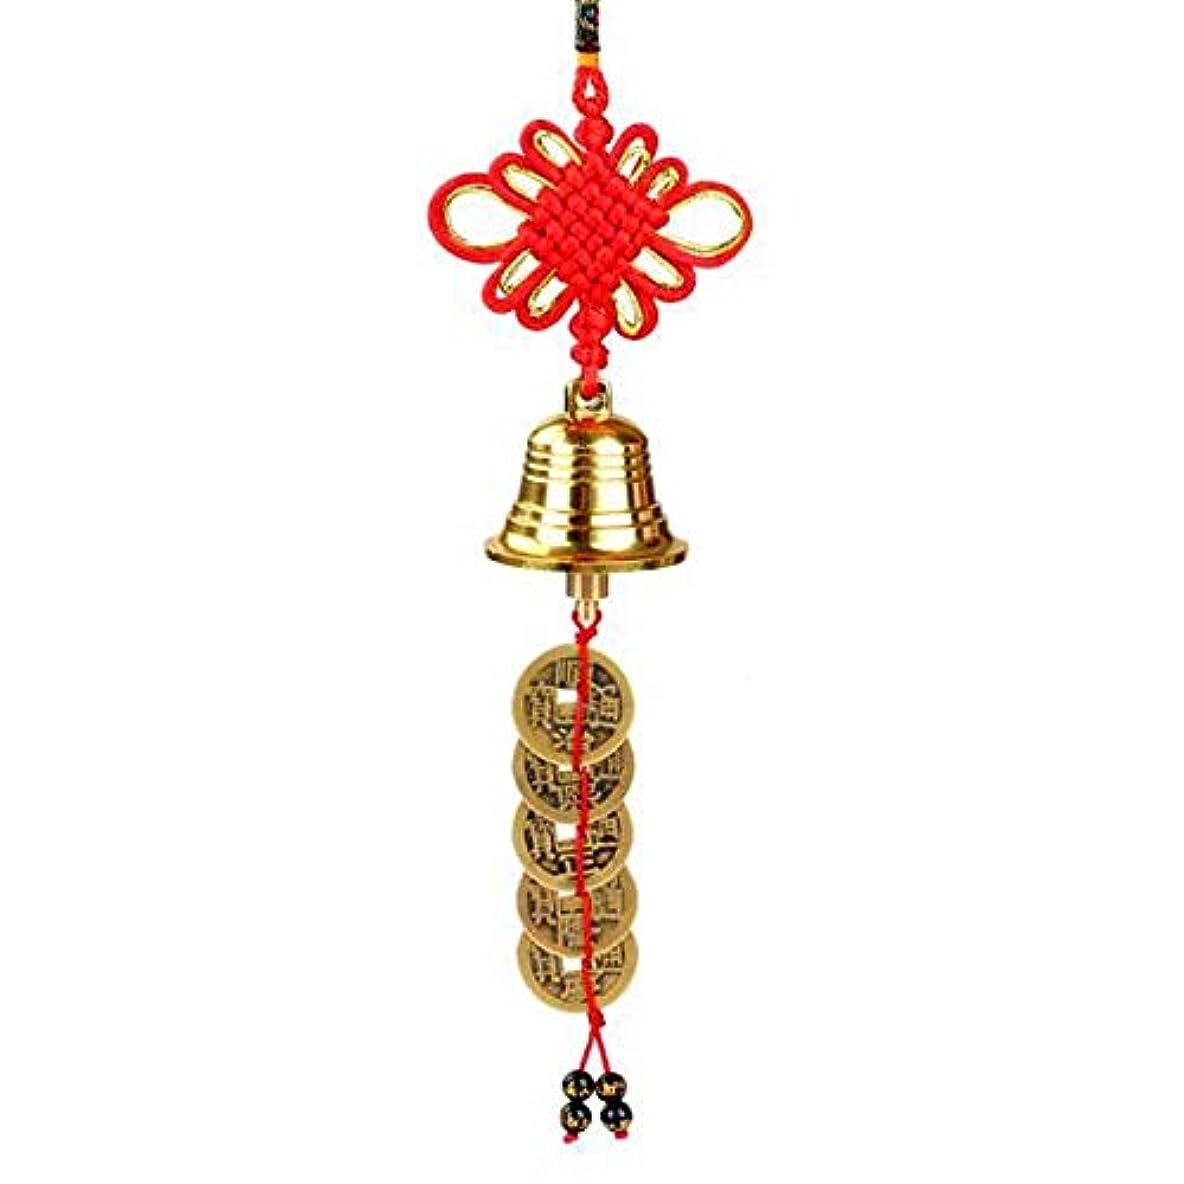 酔って着る高揚したYougou01 風チャイム、中国のノット銅ベルホームデコレーション、ゴールド、サイズ28センチメートル 、創造的な装飾 (Size : 28*3.8cm)